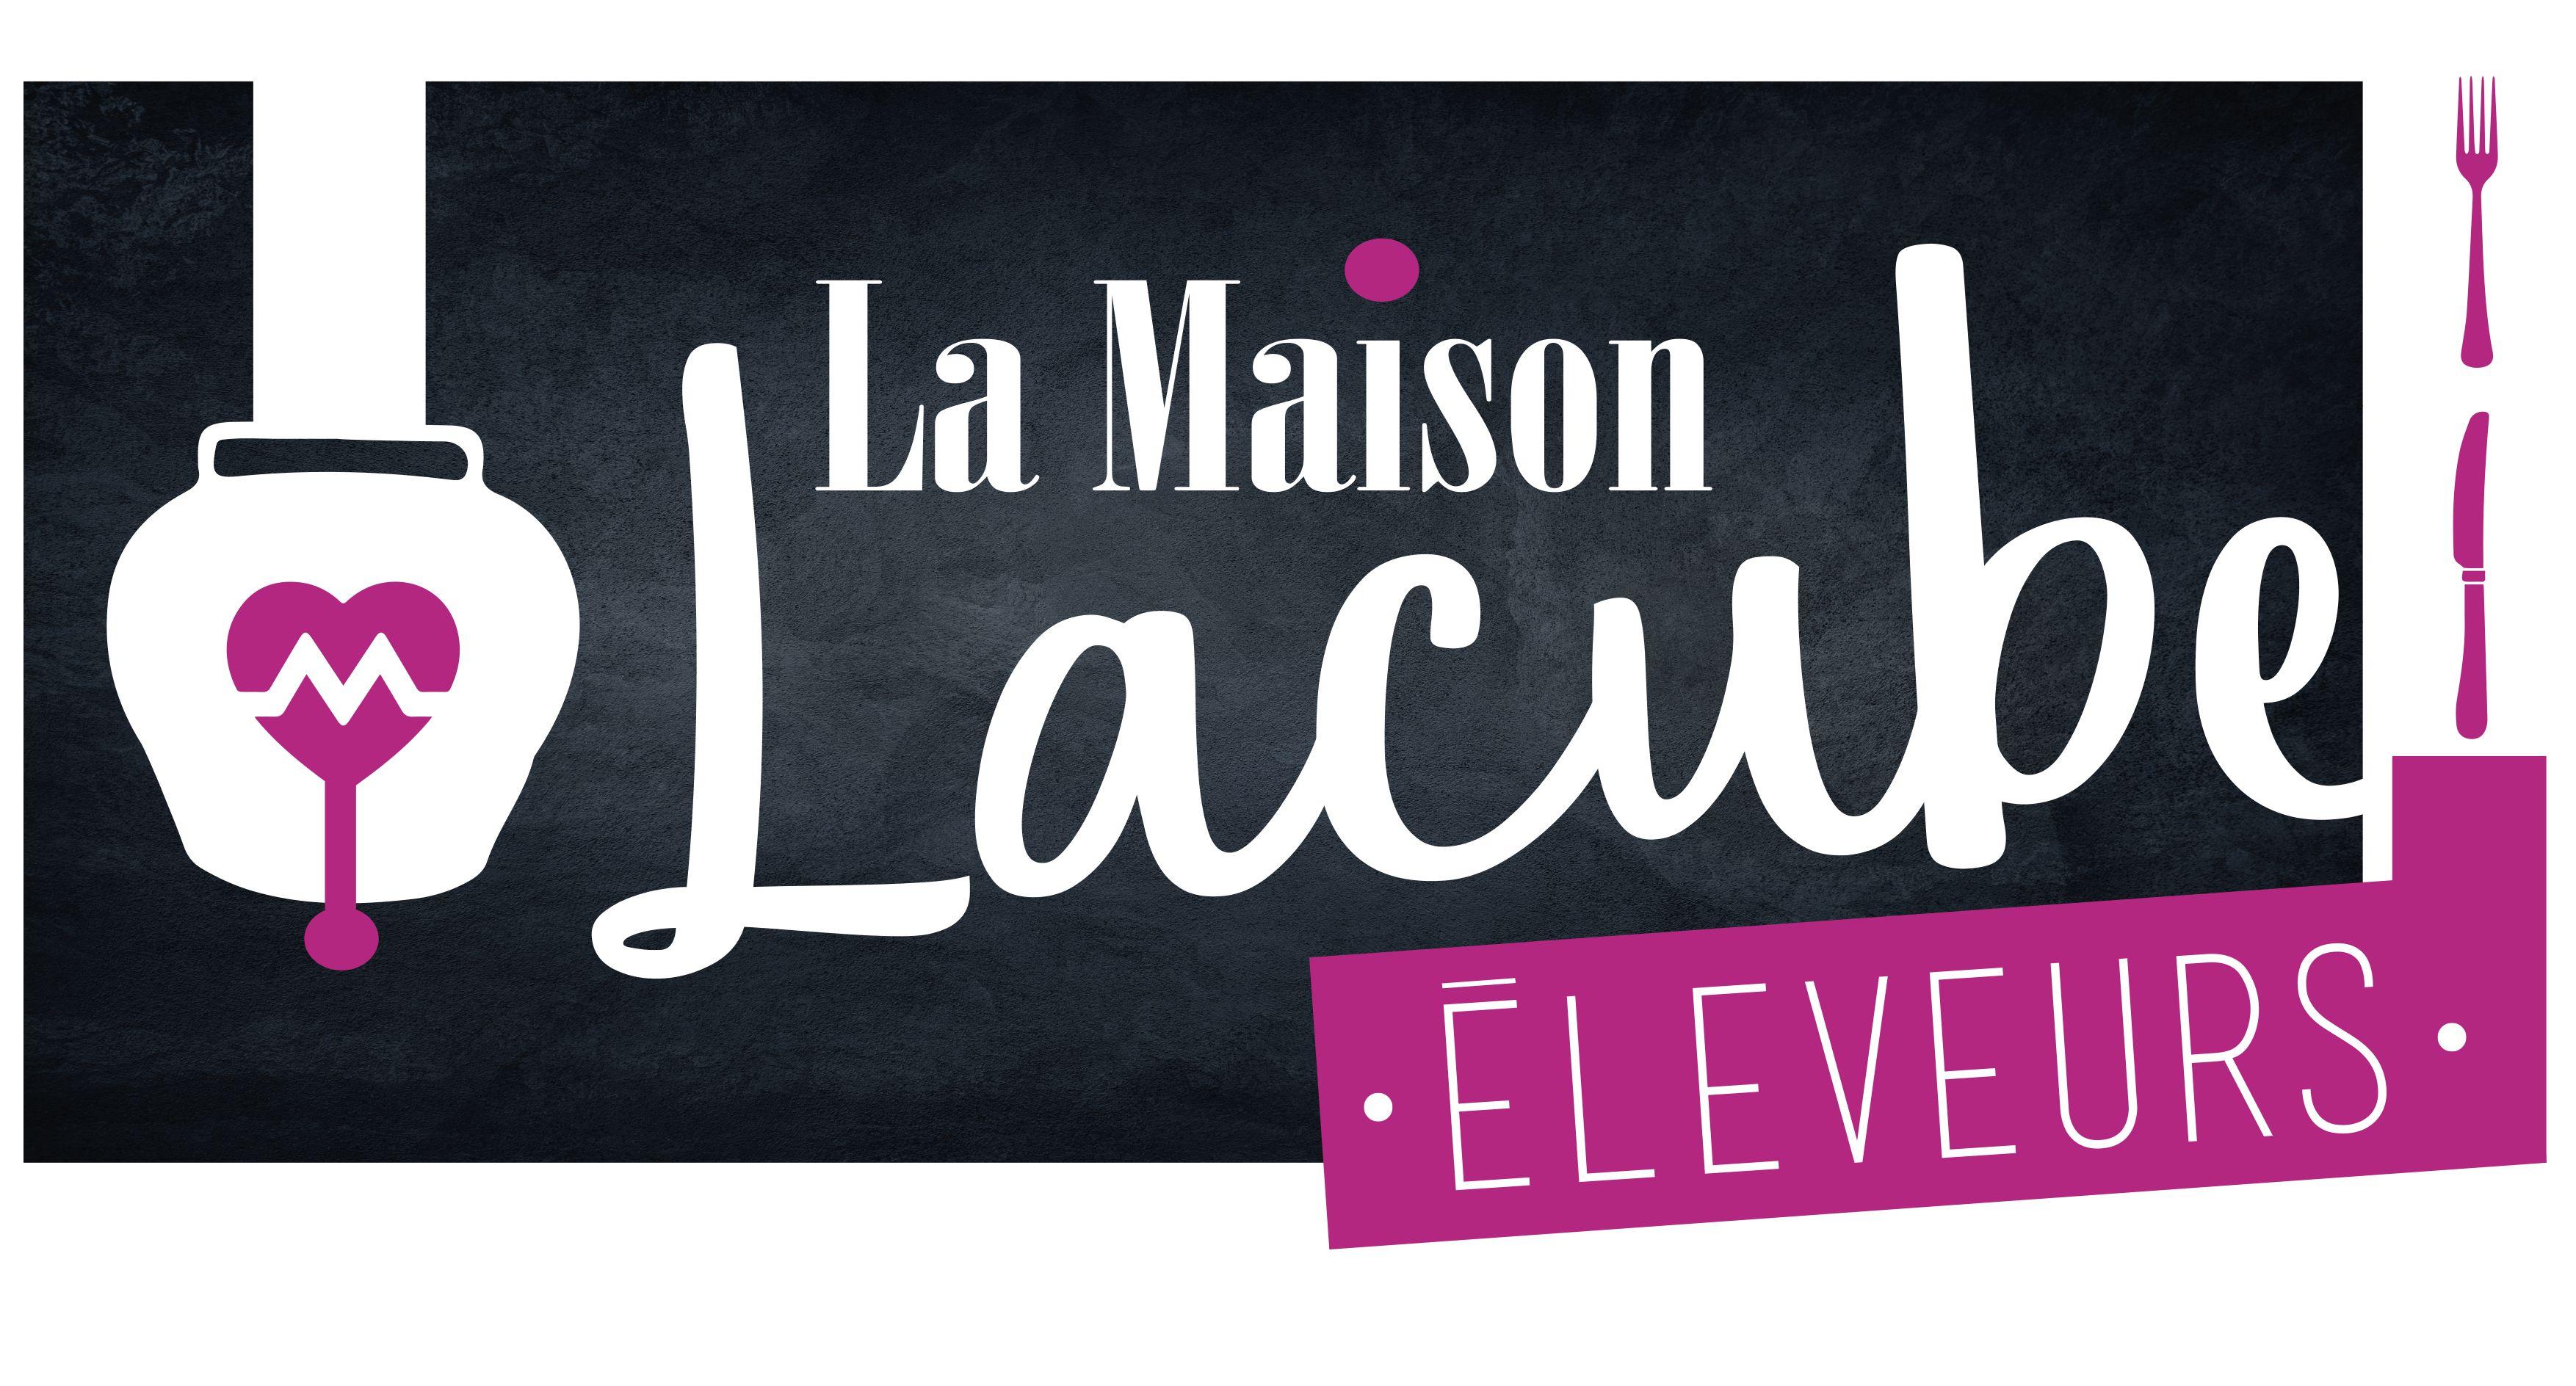 MAISON LACUBE